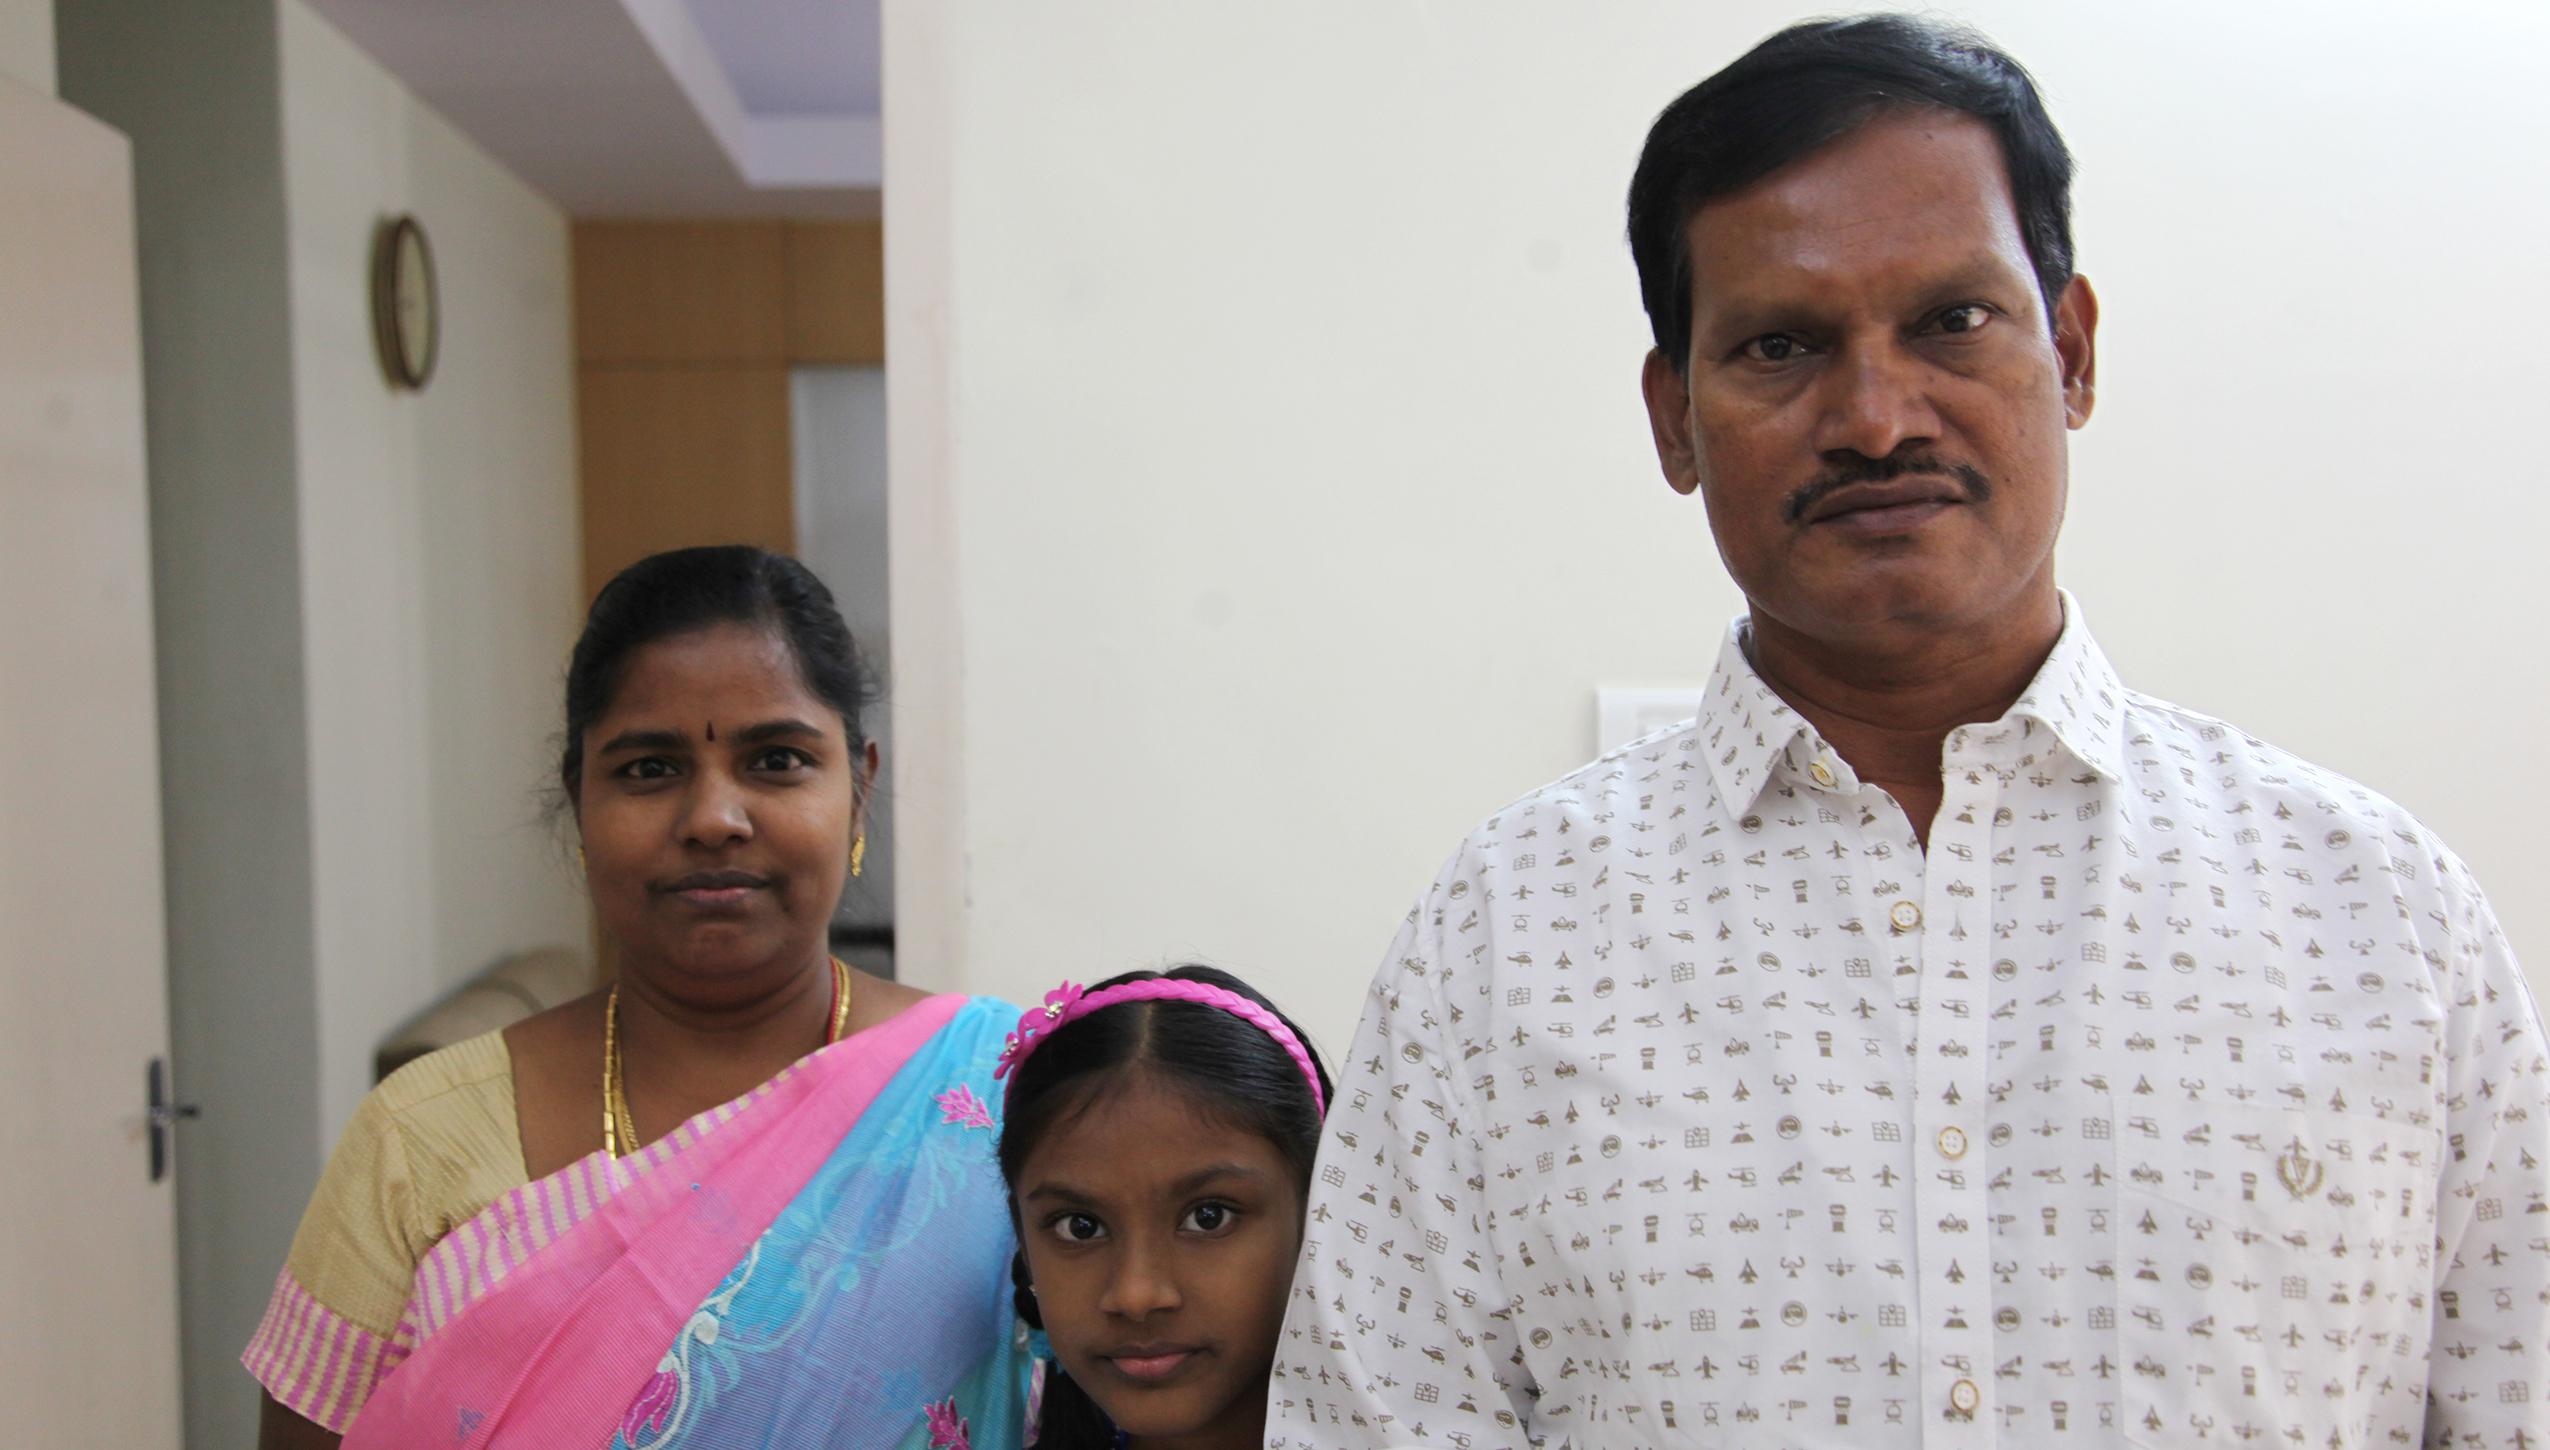 WGL05.19-45-Arunachalam Muruganantham